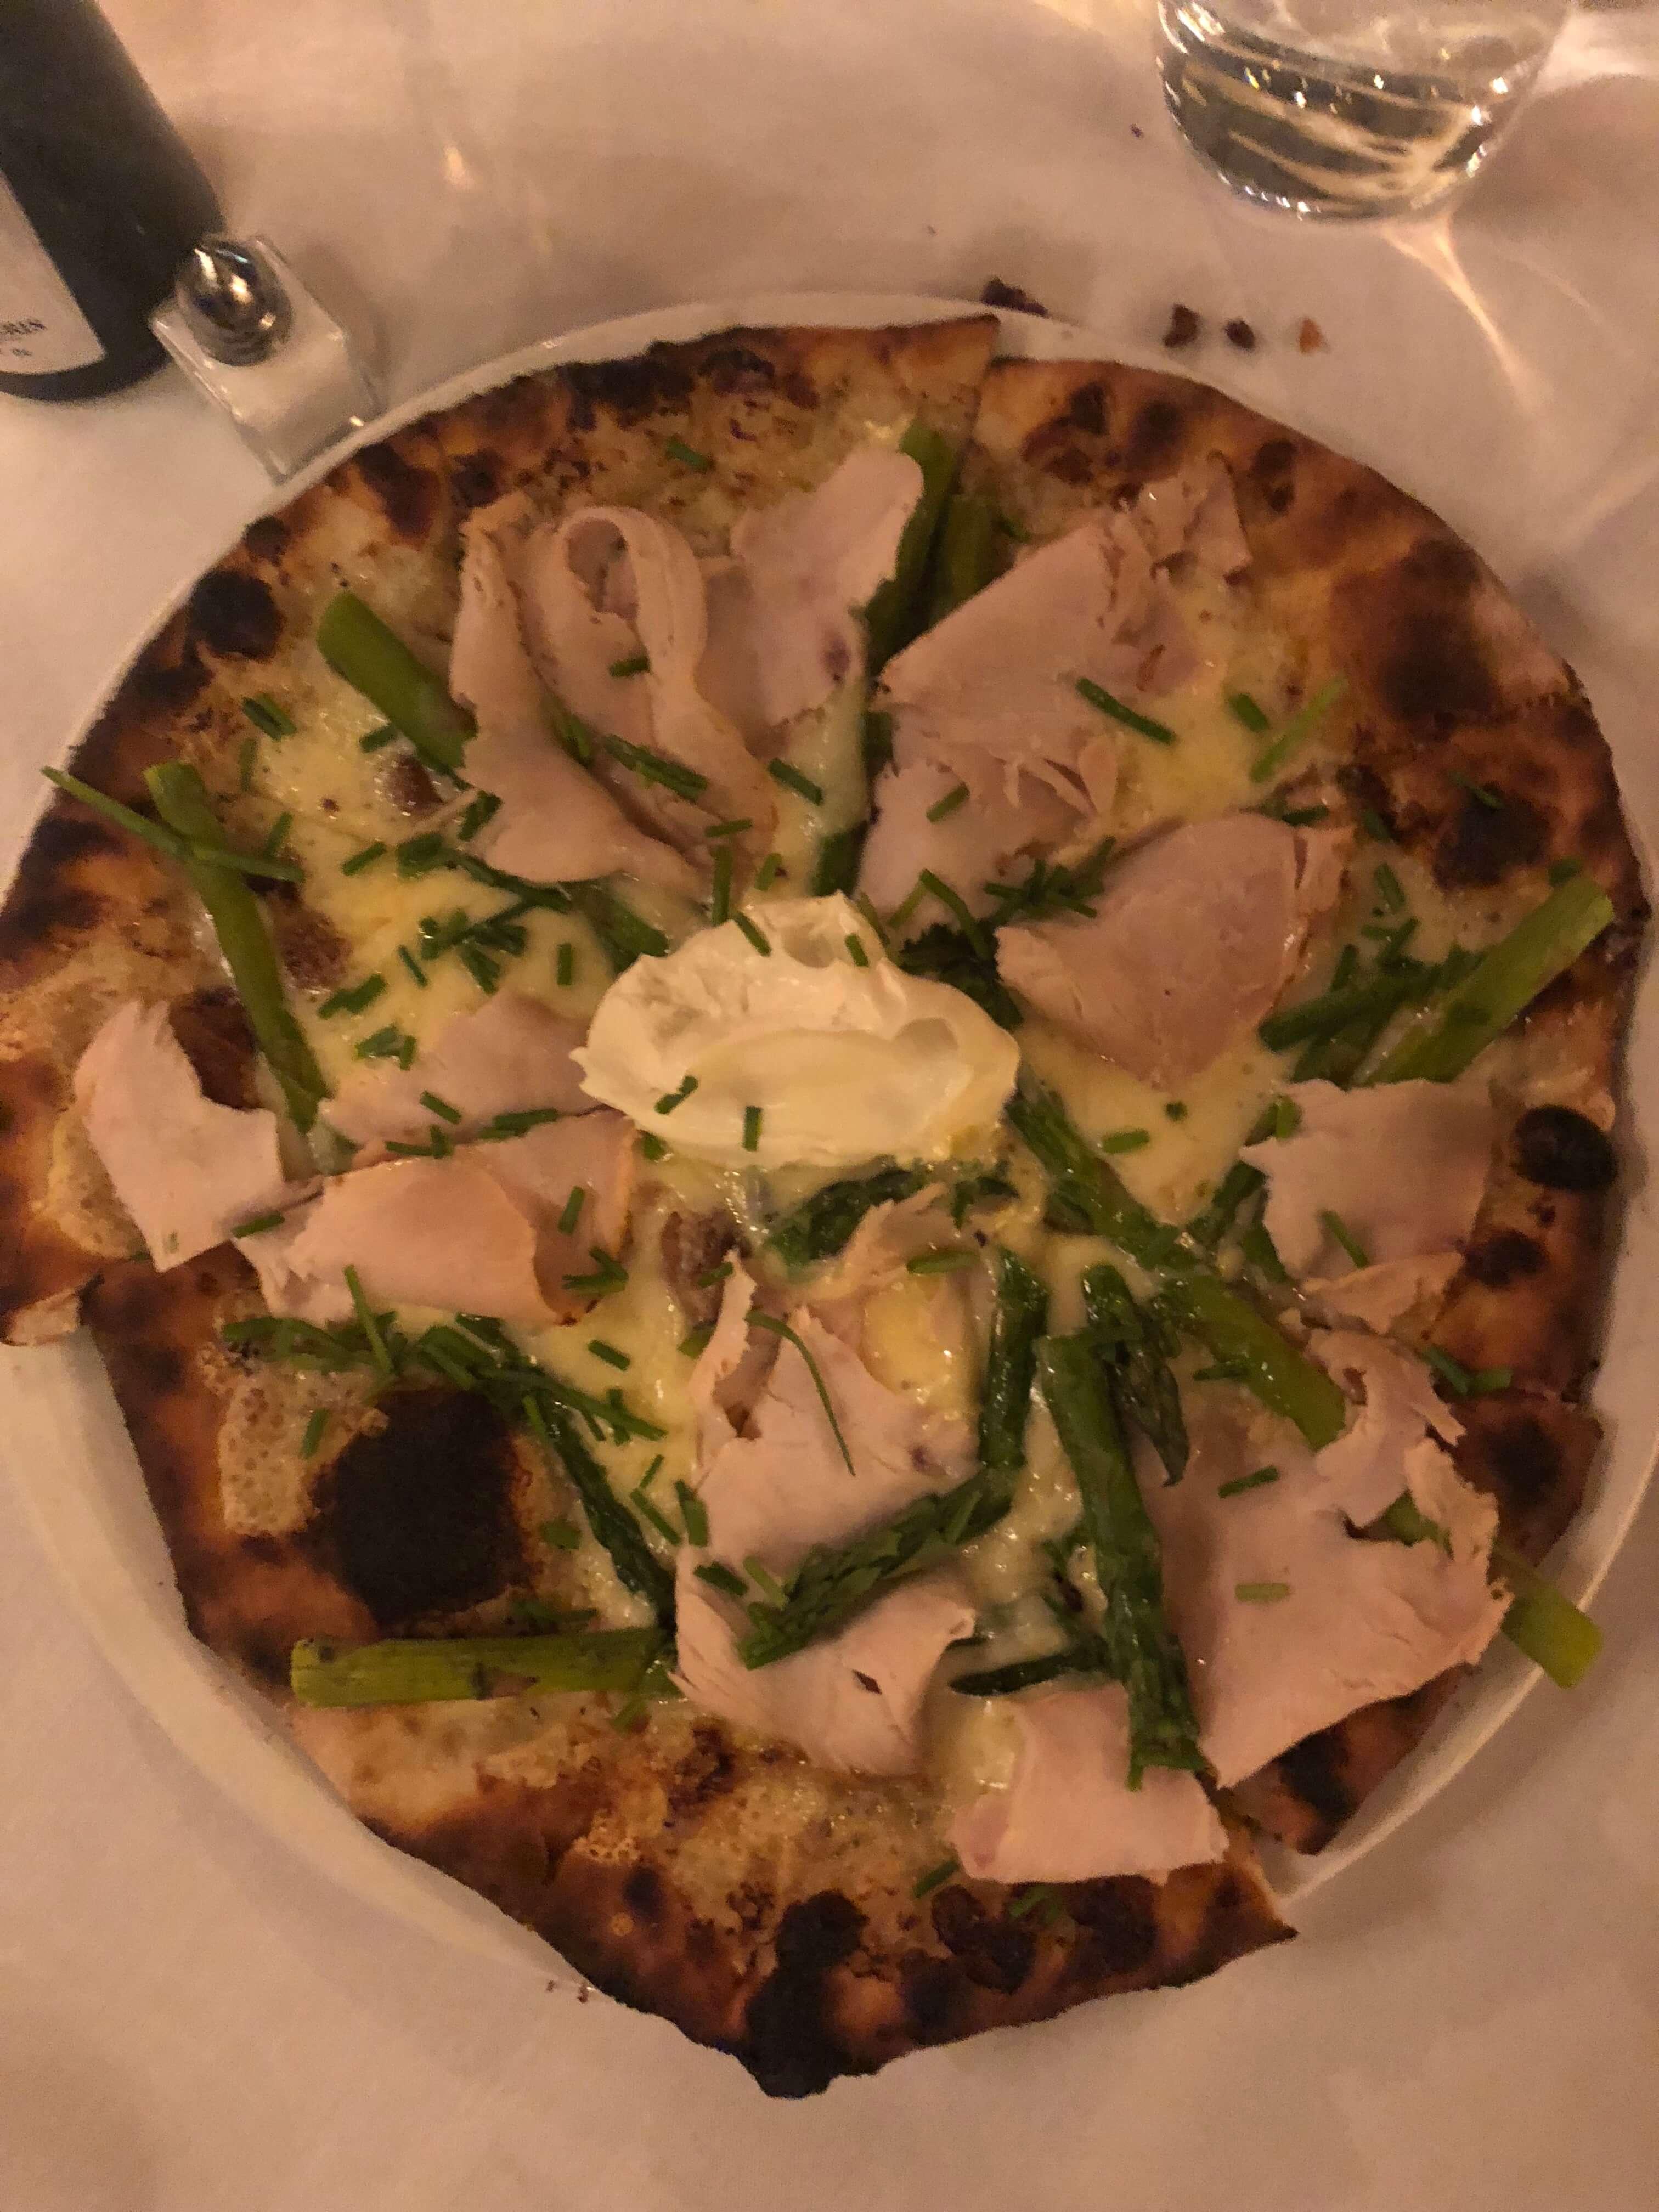 serafina tribeca thanksgiving pizza